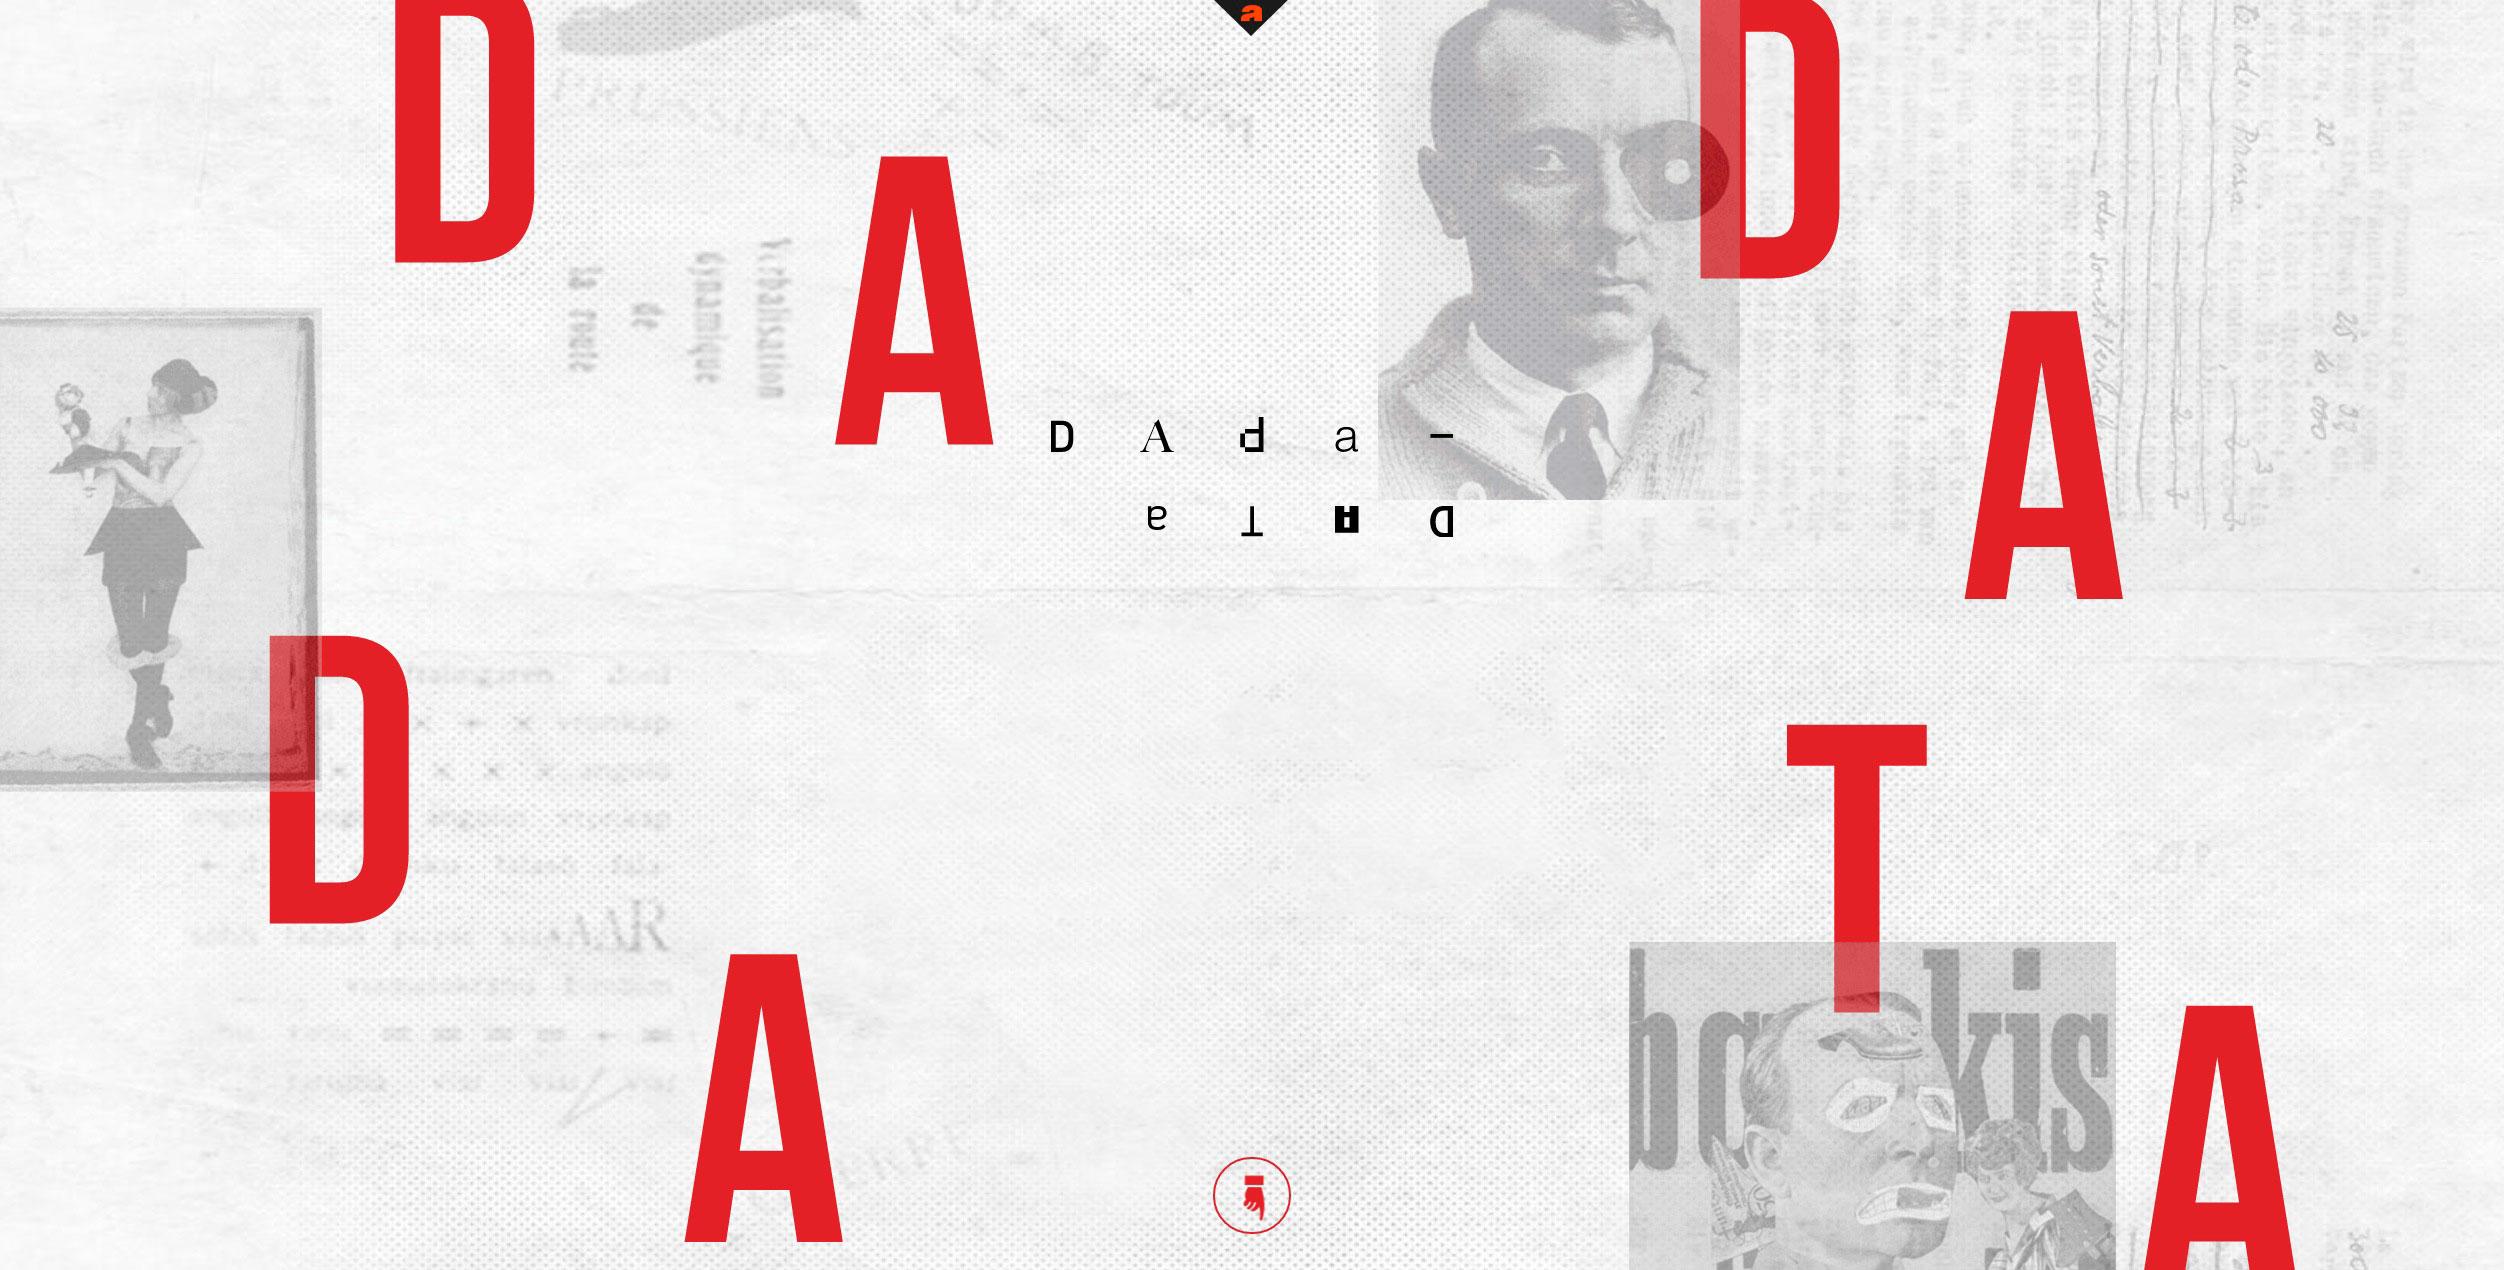 DADA – DATA